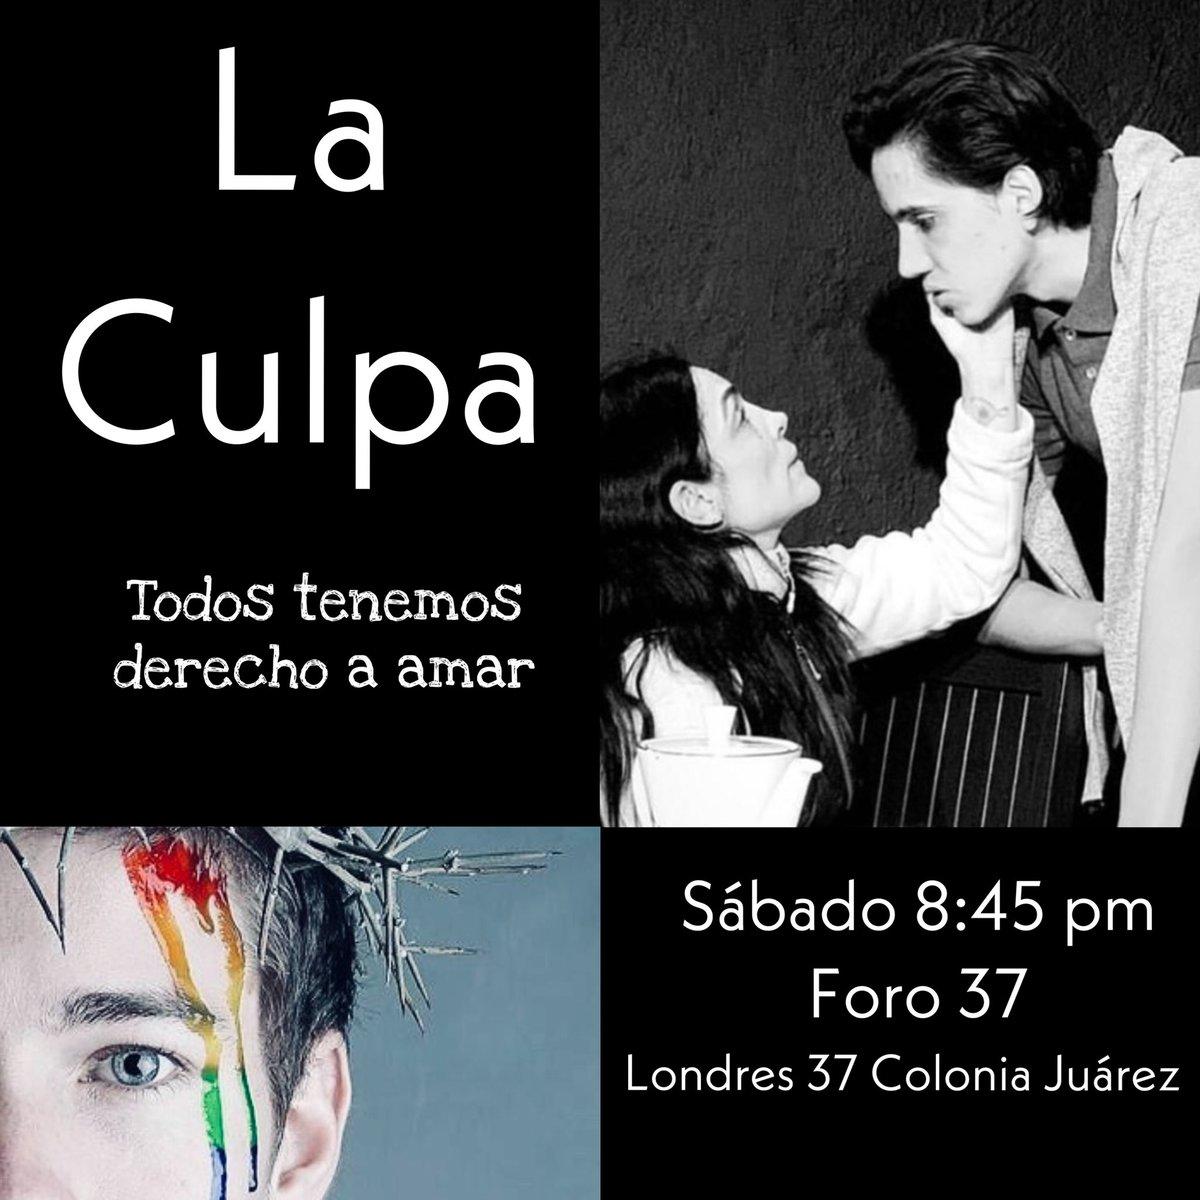 Mañana sábado no se pierdan La Culpa! 8:45 pm Foro 37 Londres 37 Colonia Juárez. Boletos en taquilla y Boletopolis. Reserva por WhatsApp al 5543939614 y obtén un 30% de descuento! #lovewins#loveislove#pride#morelovelesshate#consumeteatropic.twitter.com/CpzSM0cVy8